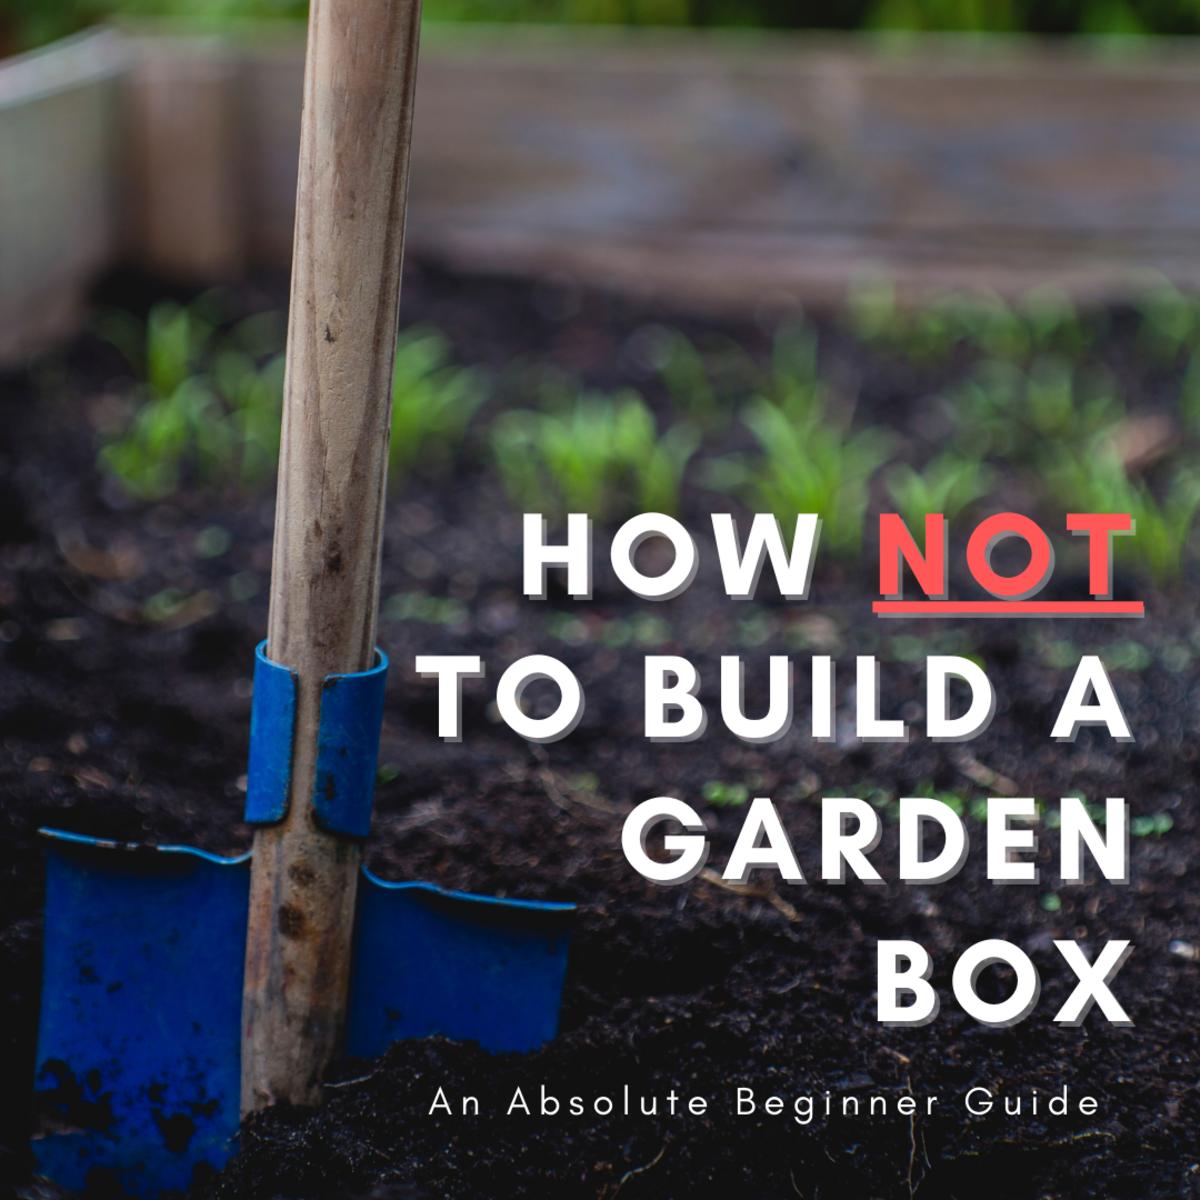 how-not-to-build-a-garden-box-an-absolute-beginner-guide